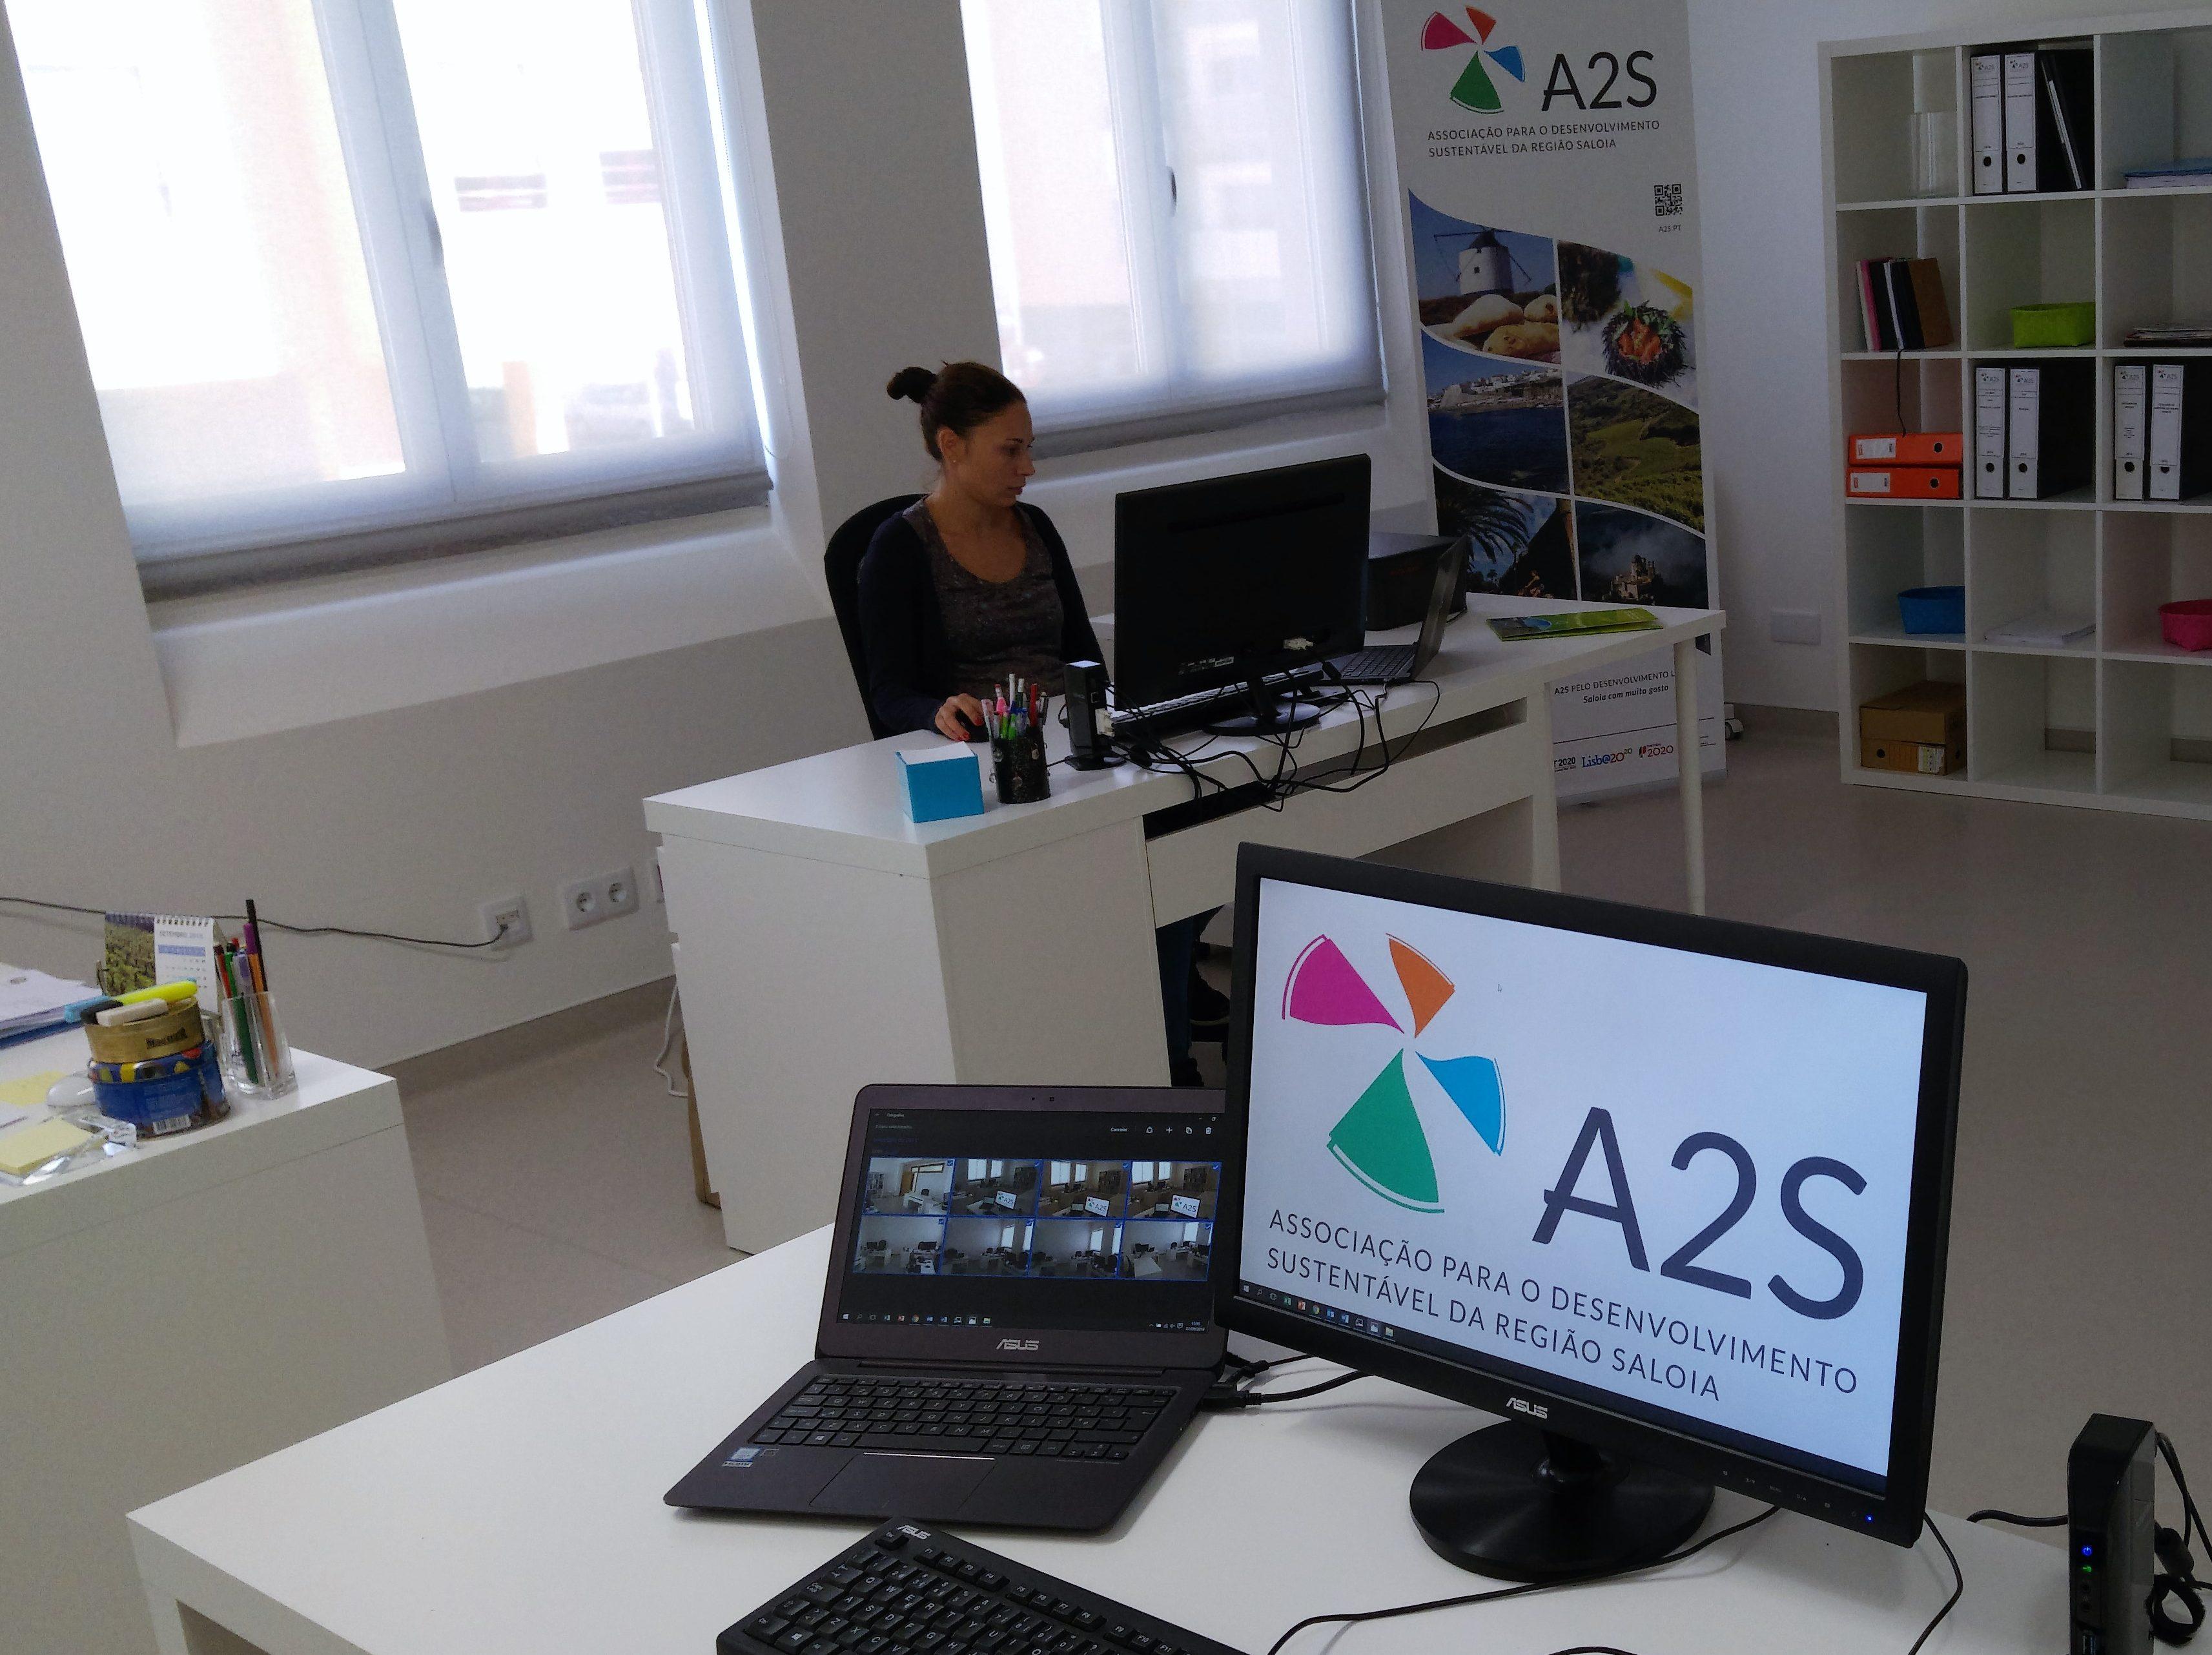 A2S Com Novas Instalações